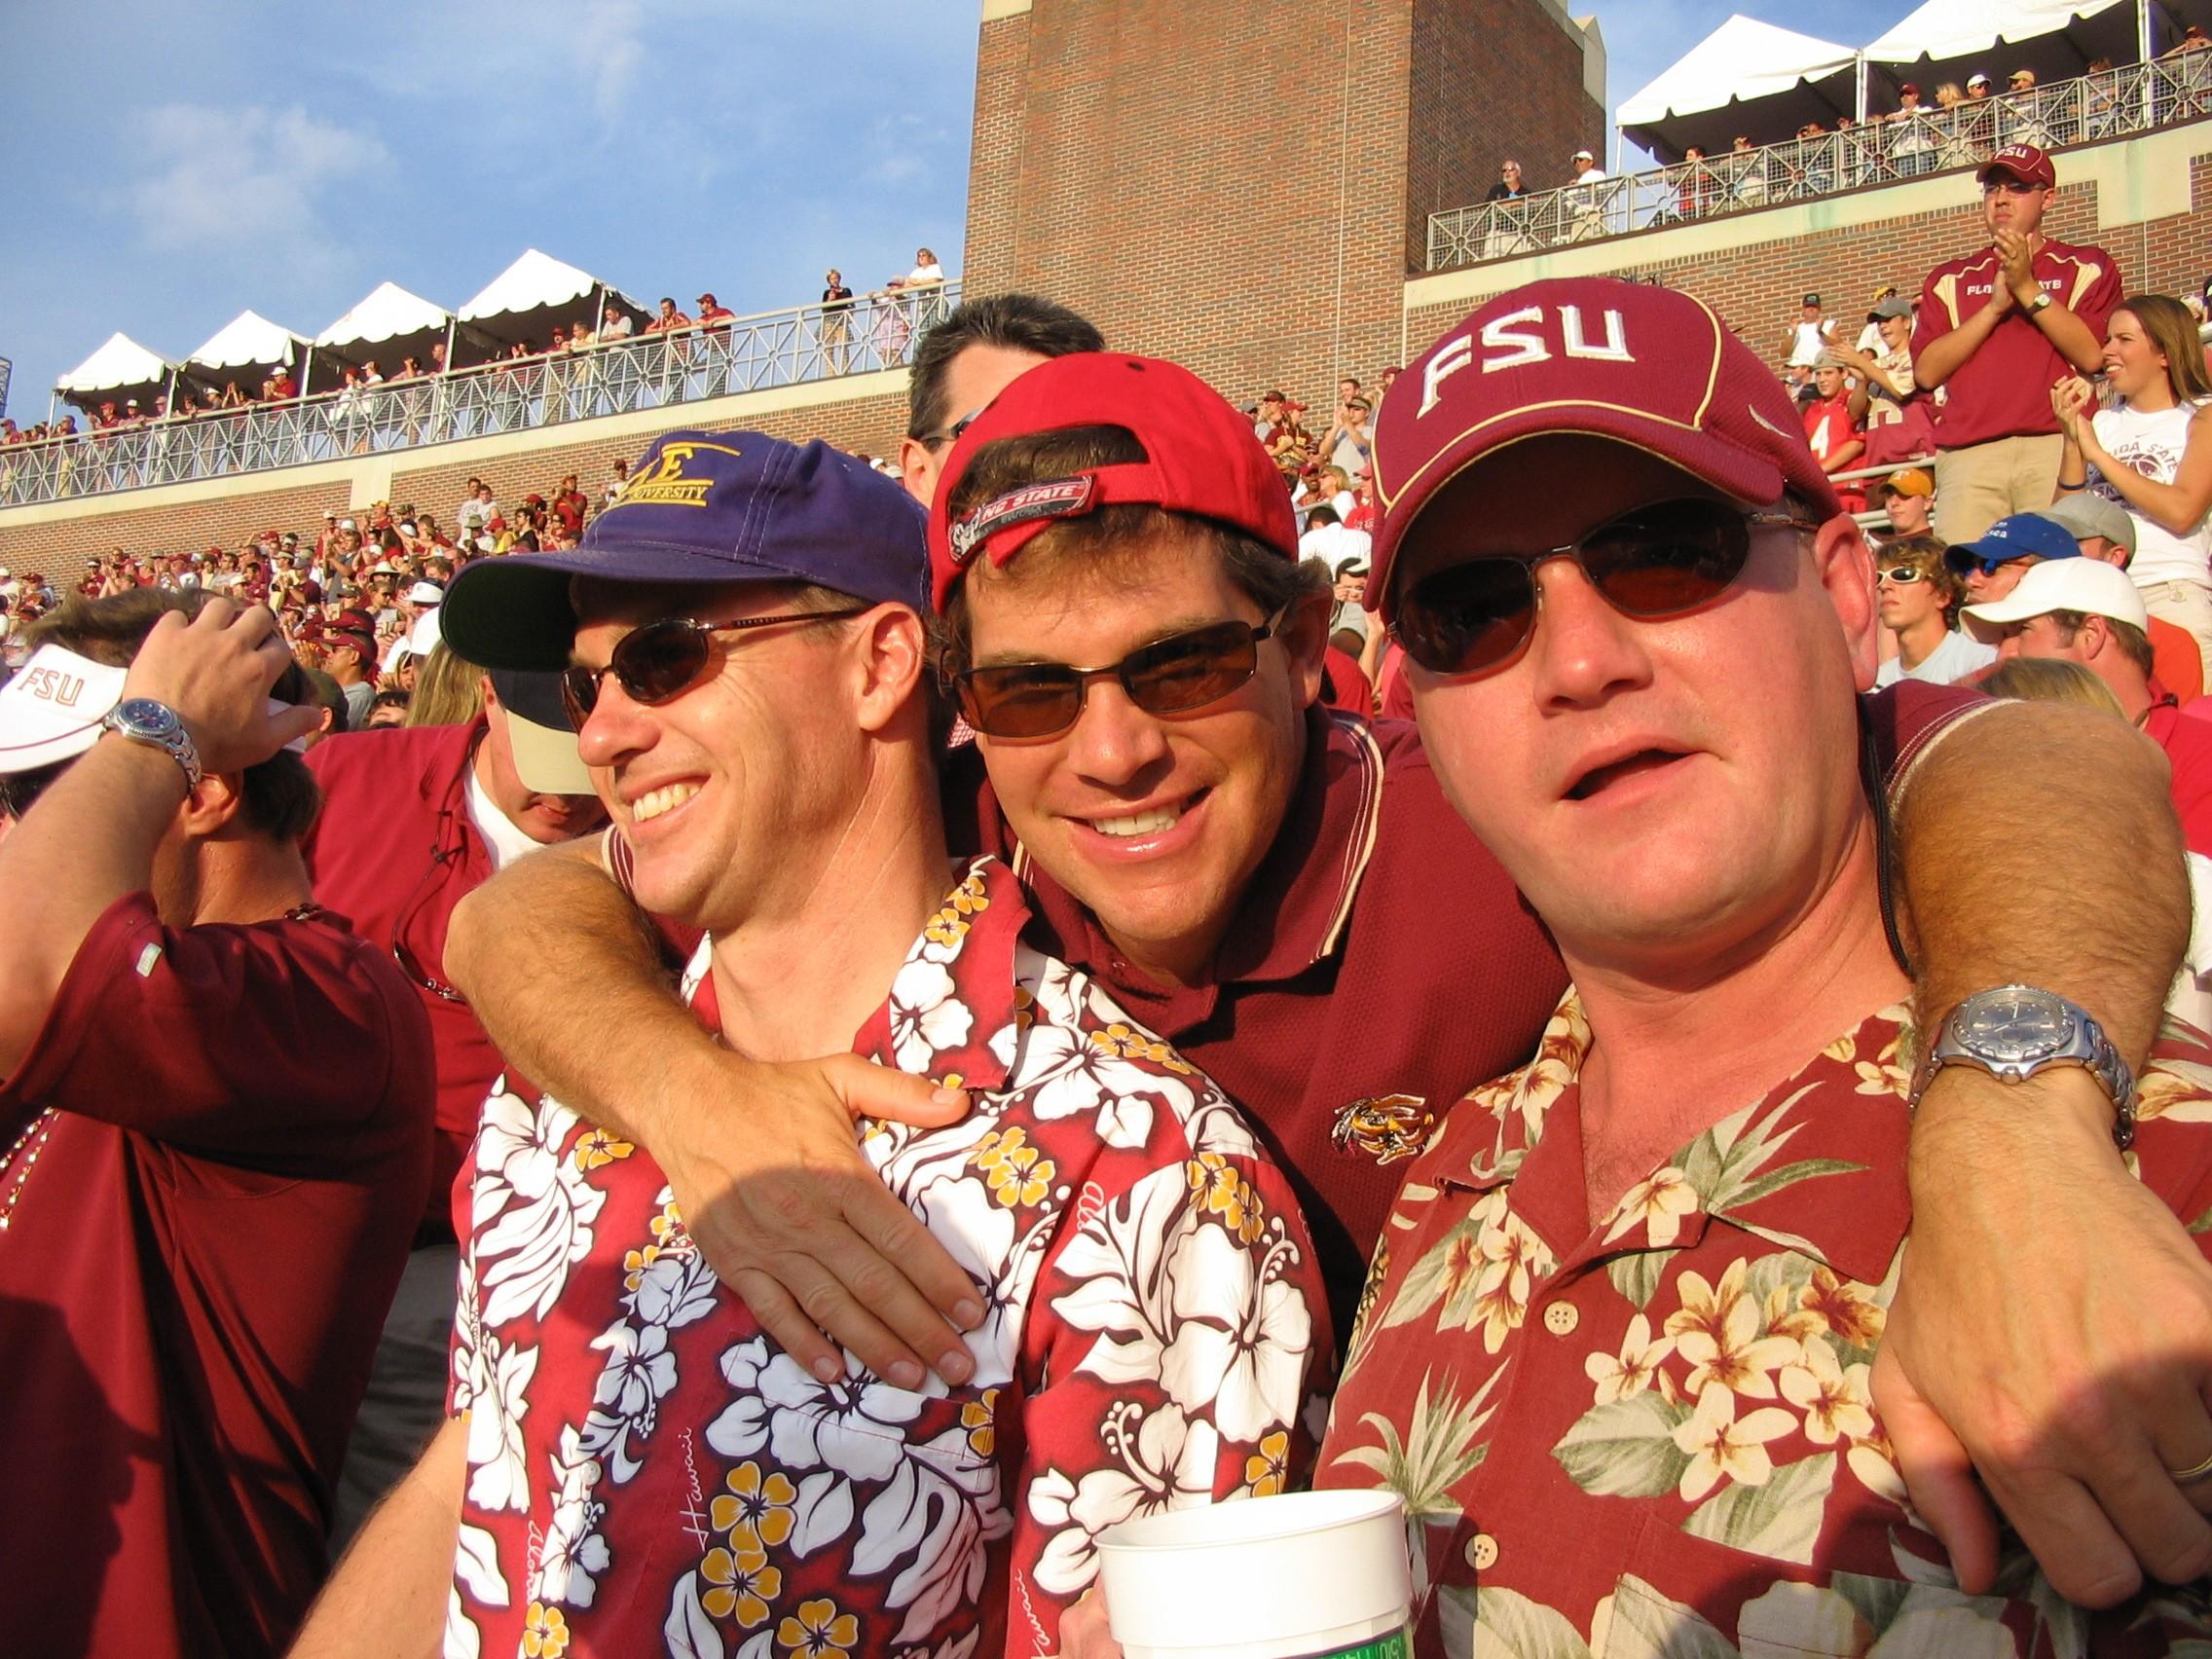 2005 alumni FSU game - TomJackson, MikeLuther, DaveWainer.JPG